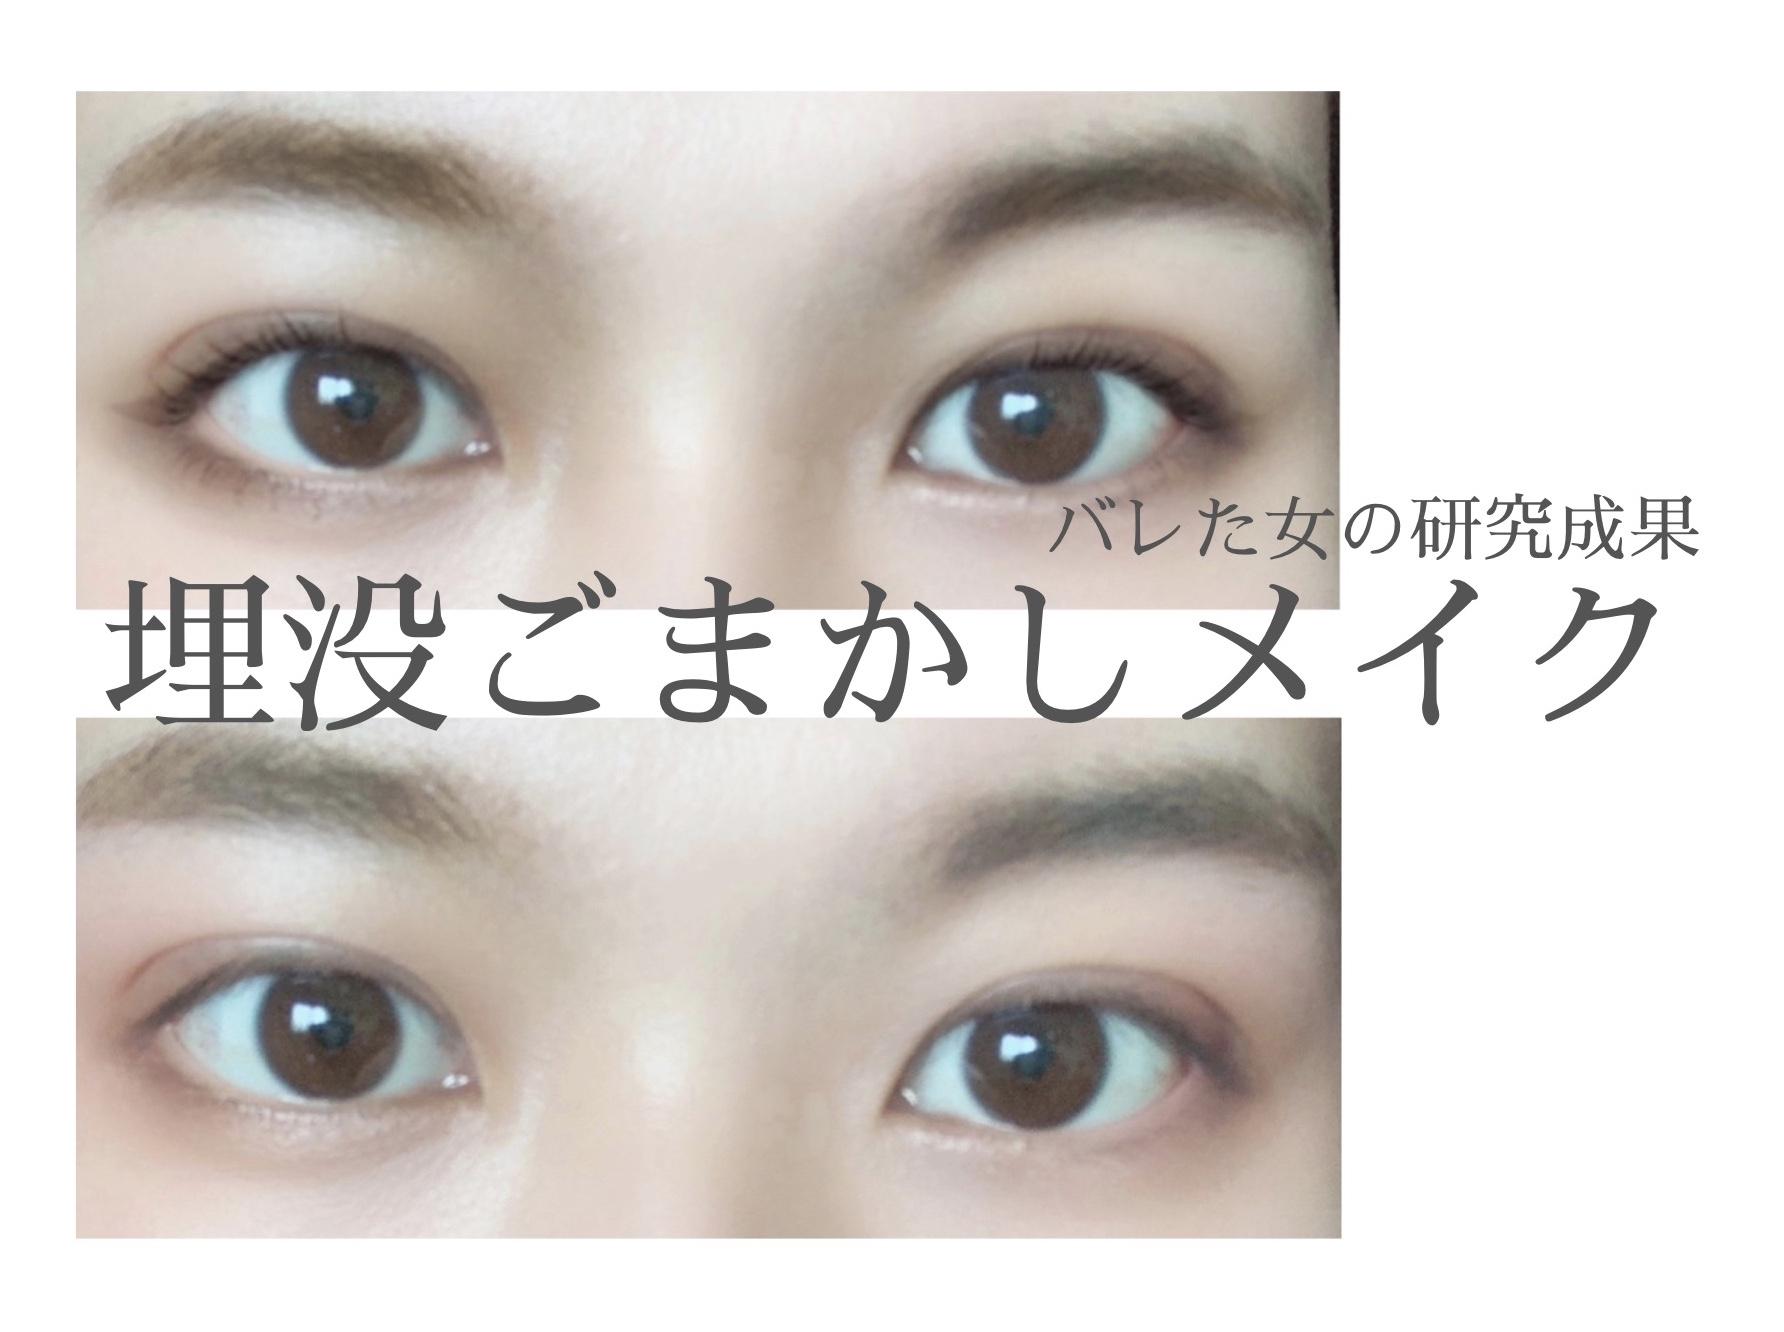 整形 メイク 二重 二重整形後の目もとのクレンジングで注意すべき点は?